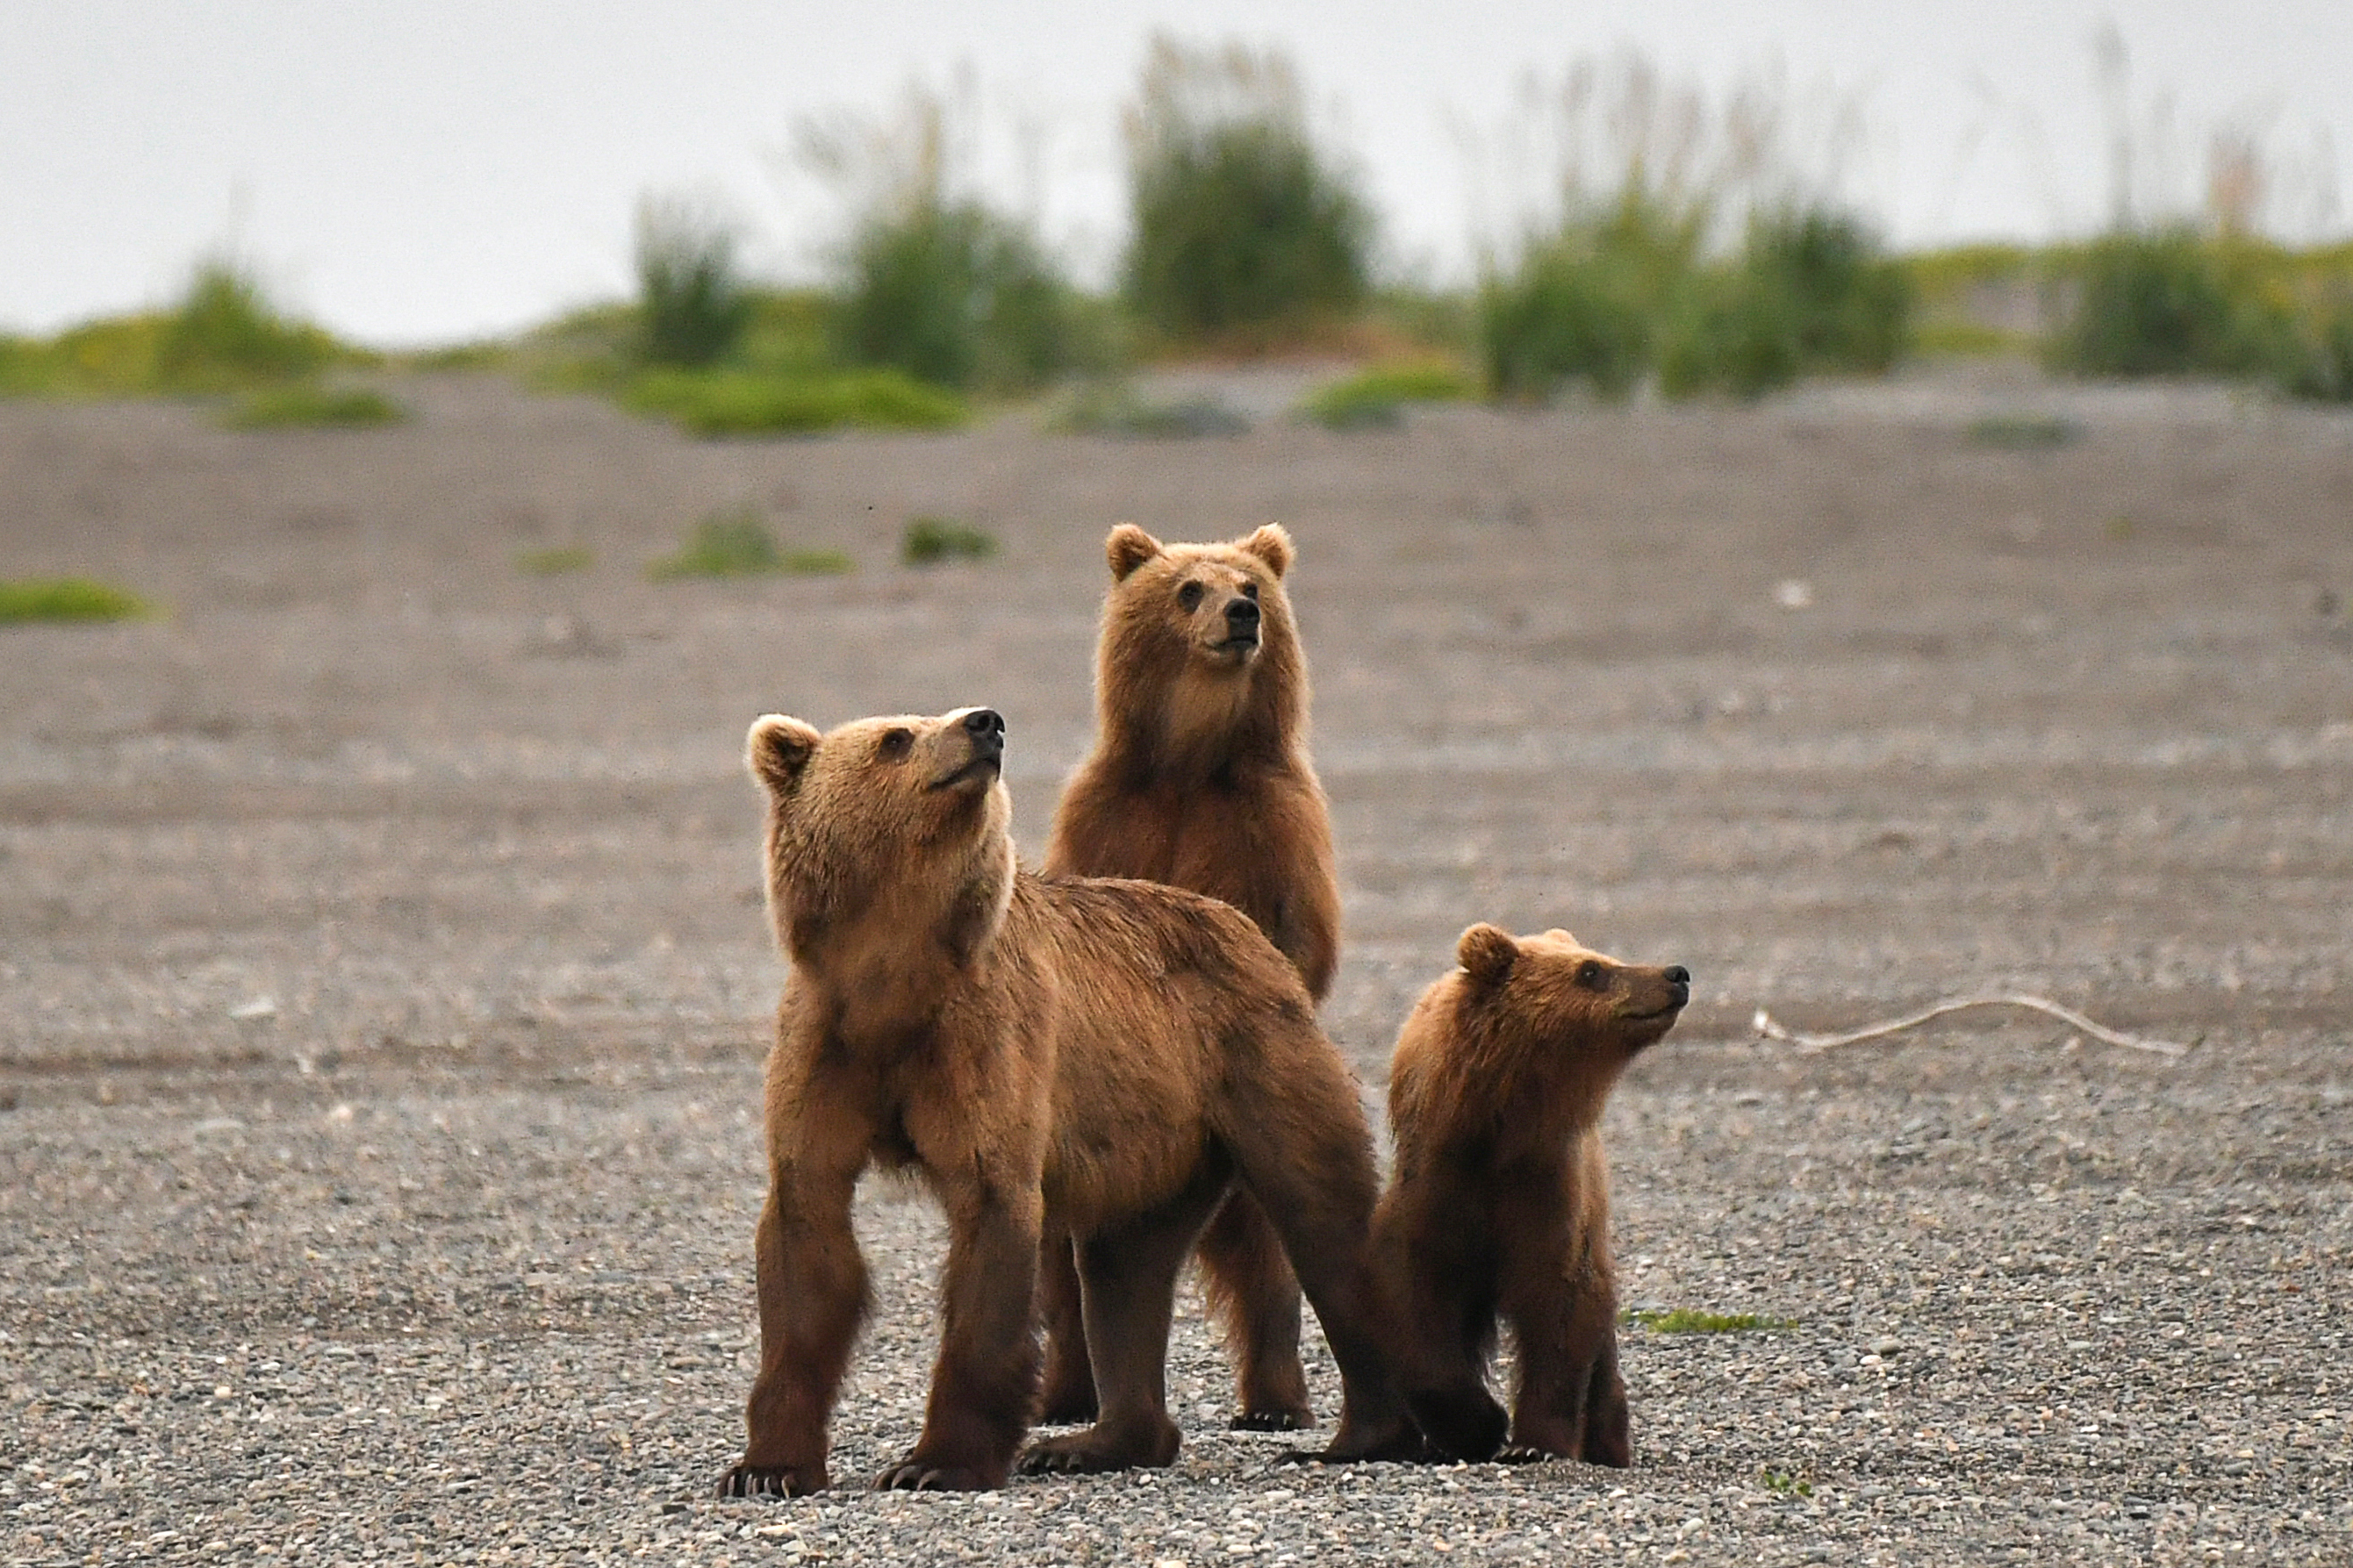 Brown bears in Kamchatka